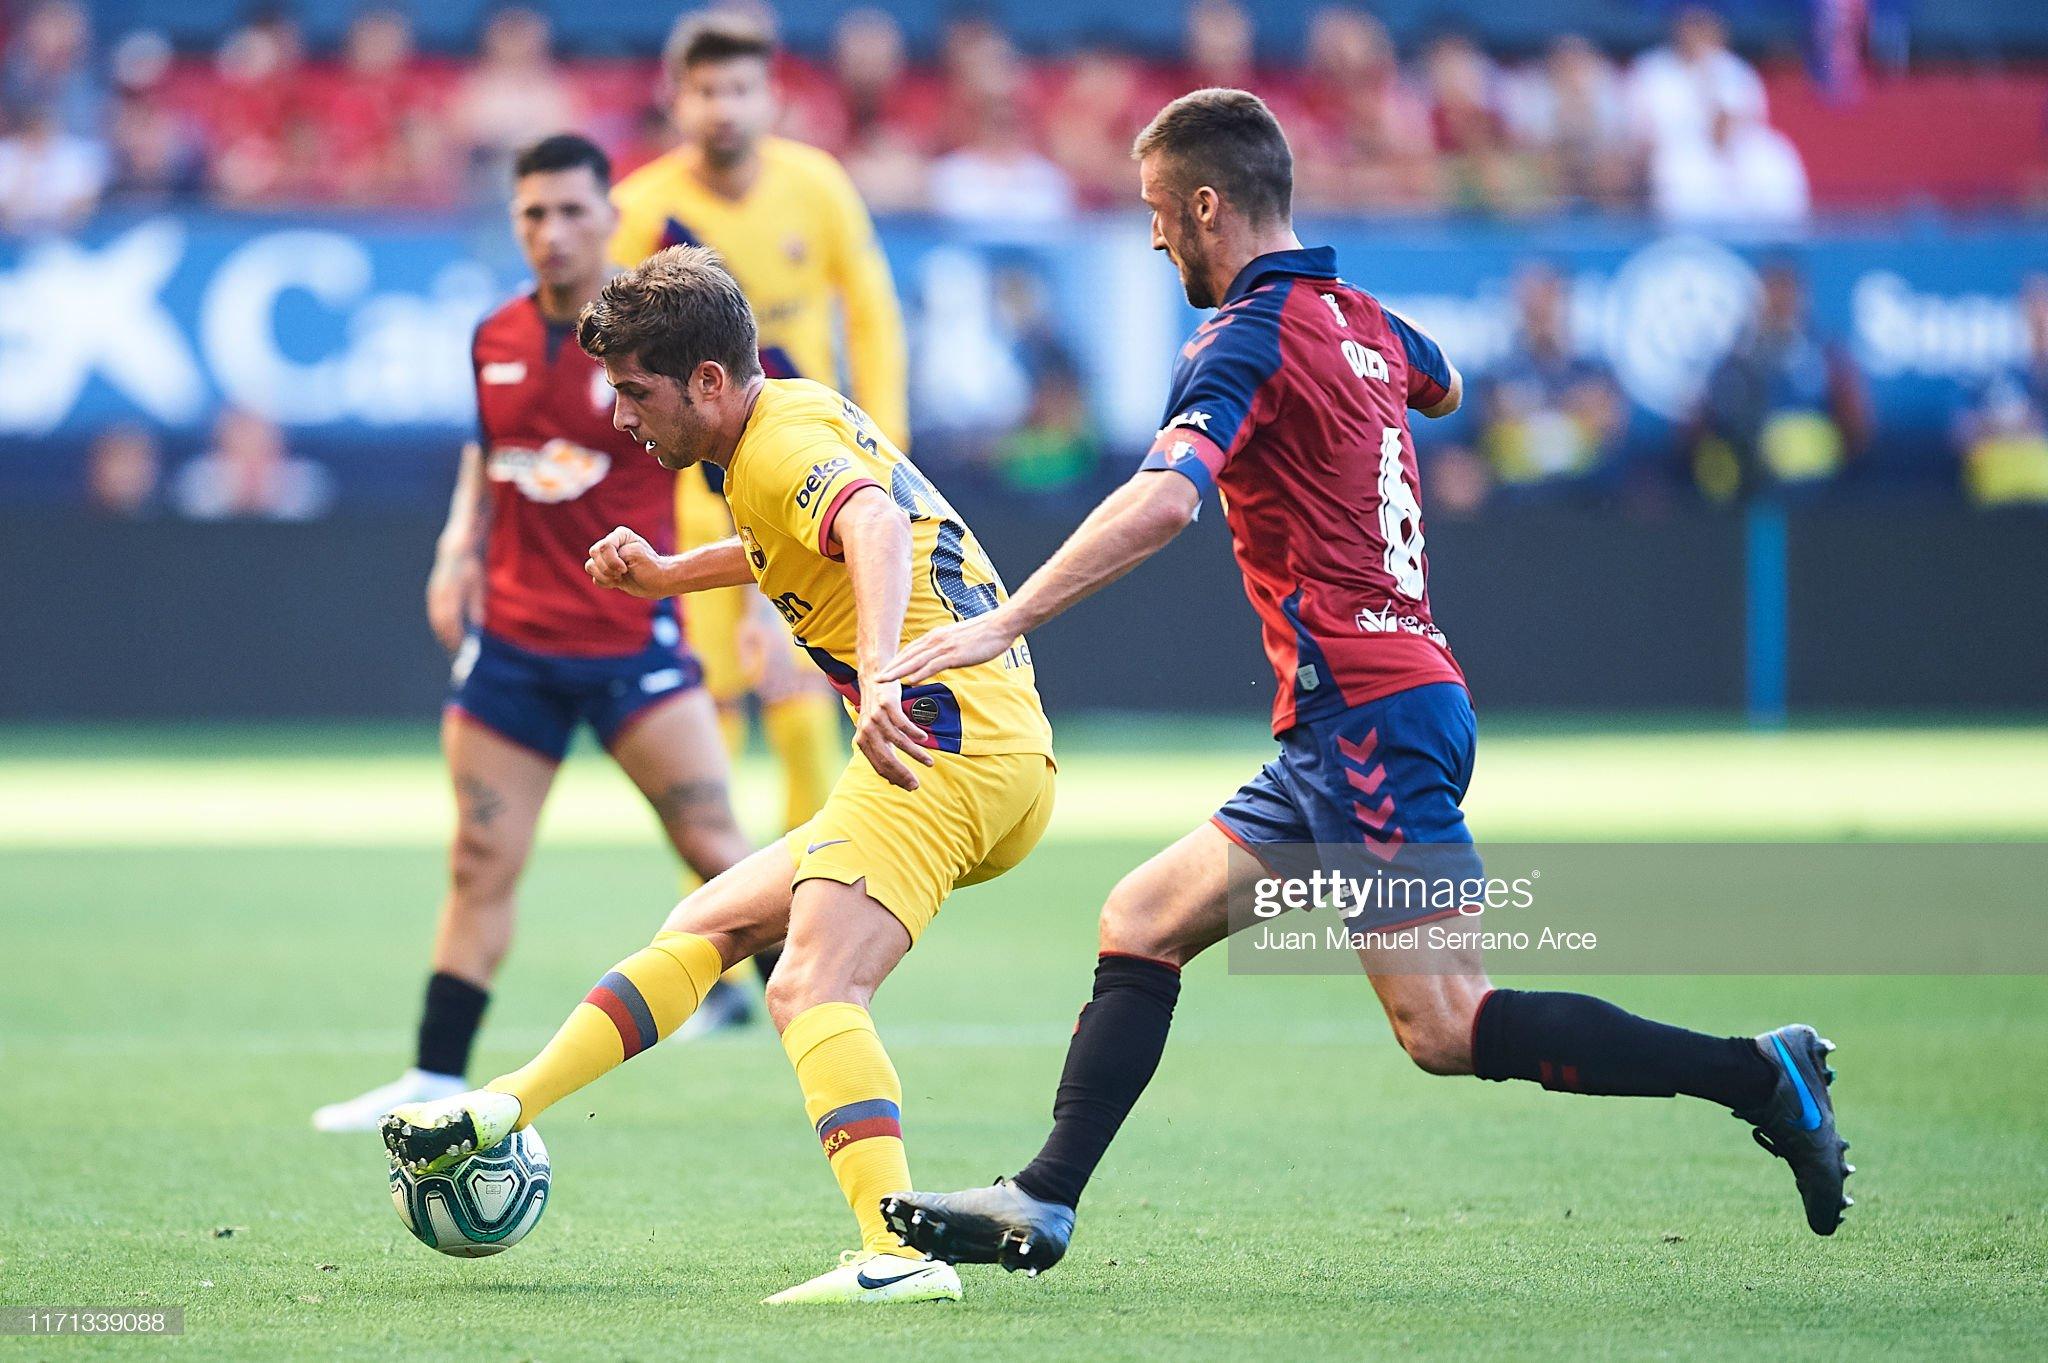 صور مباراة : أوساسونا - برشلونة 2-2 ( 31-08-2019 )  Sergi-roberto-of-fc-barcelona-being-followed-by-oier-sanjurjo-of-ca-picture-id1171339088?s=2048x2048